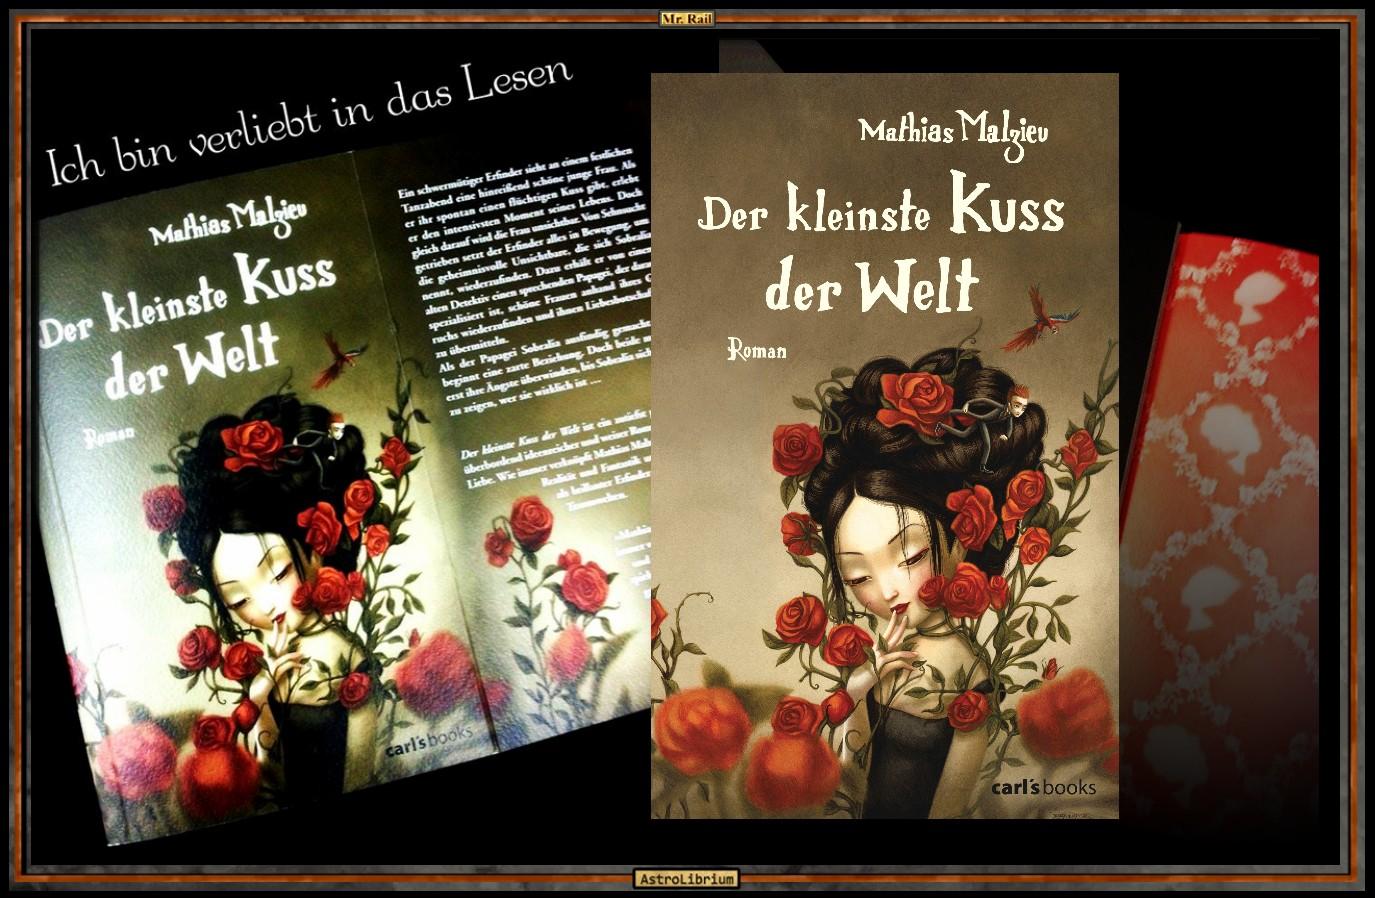 Der Kleinste Kuss Der Welt Von Mathias Malzieu